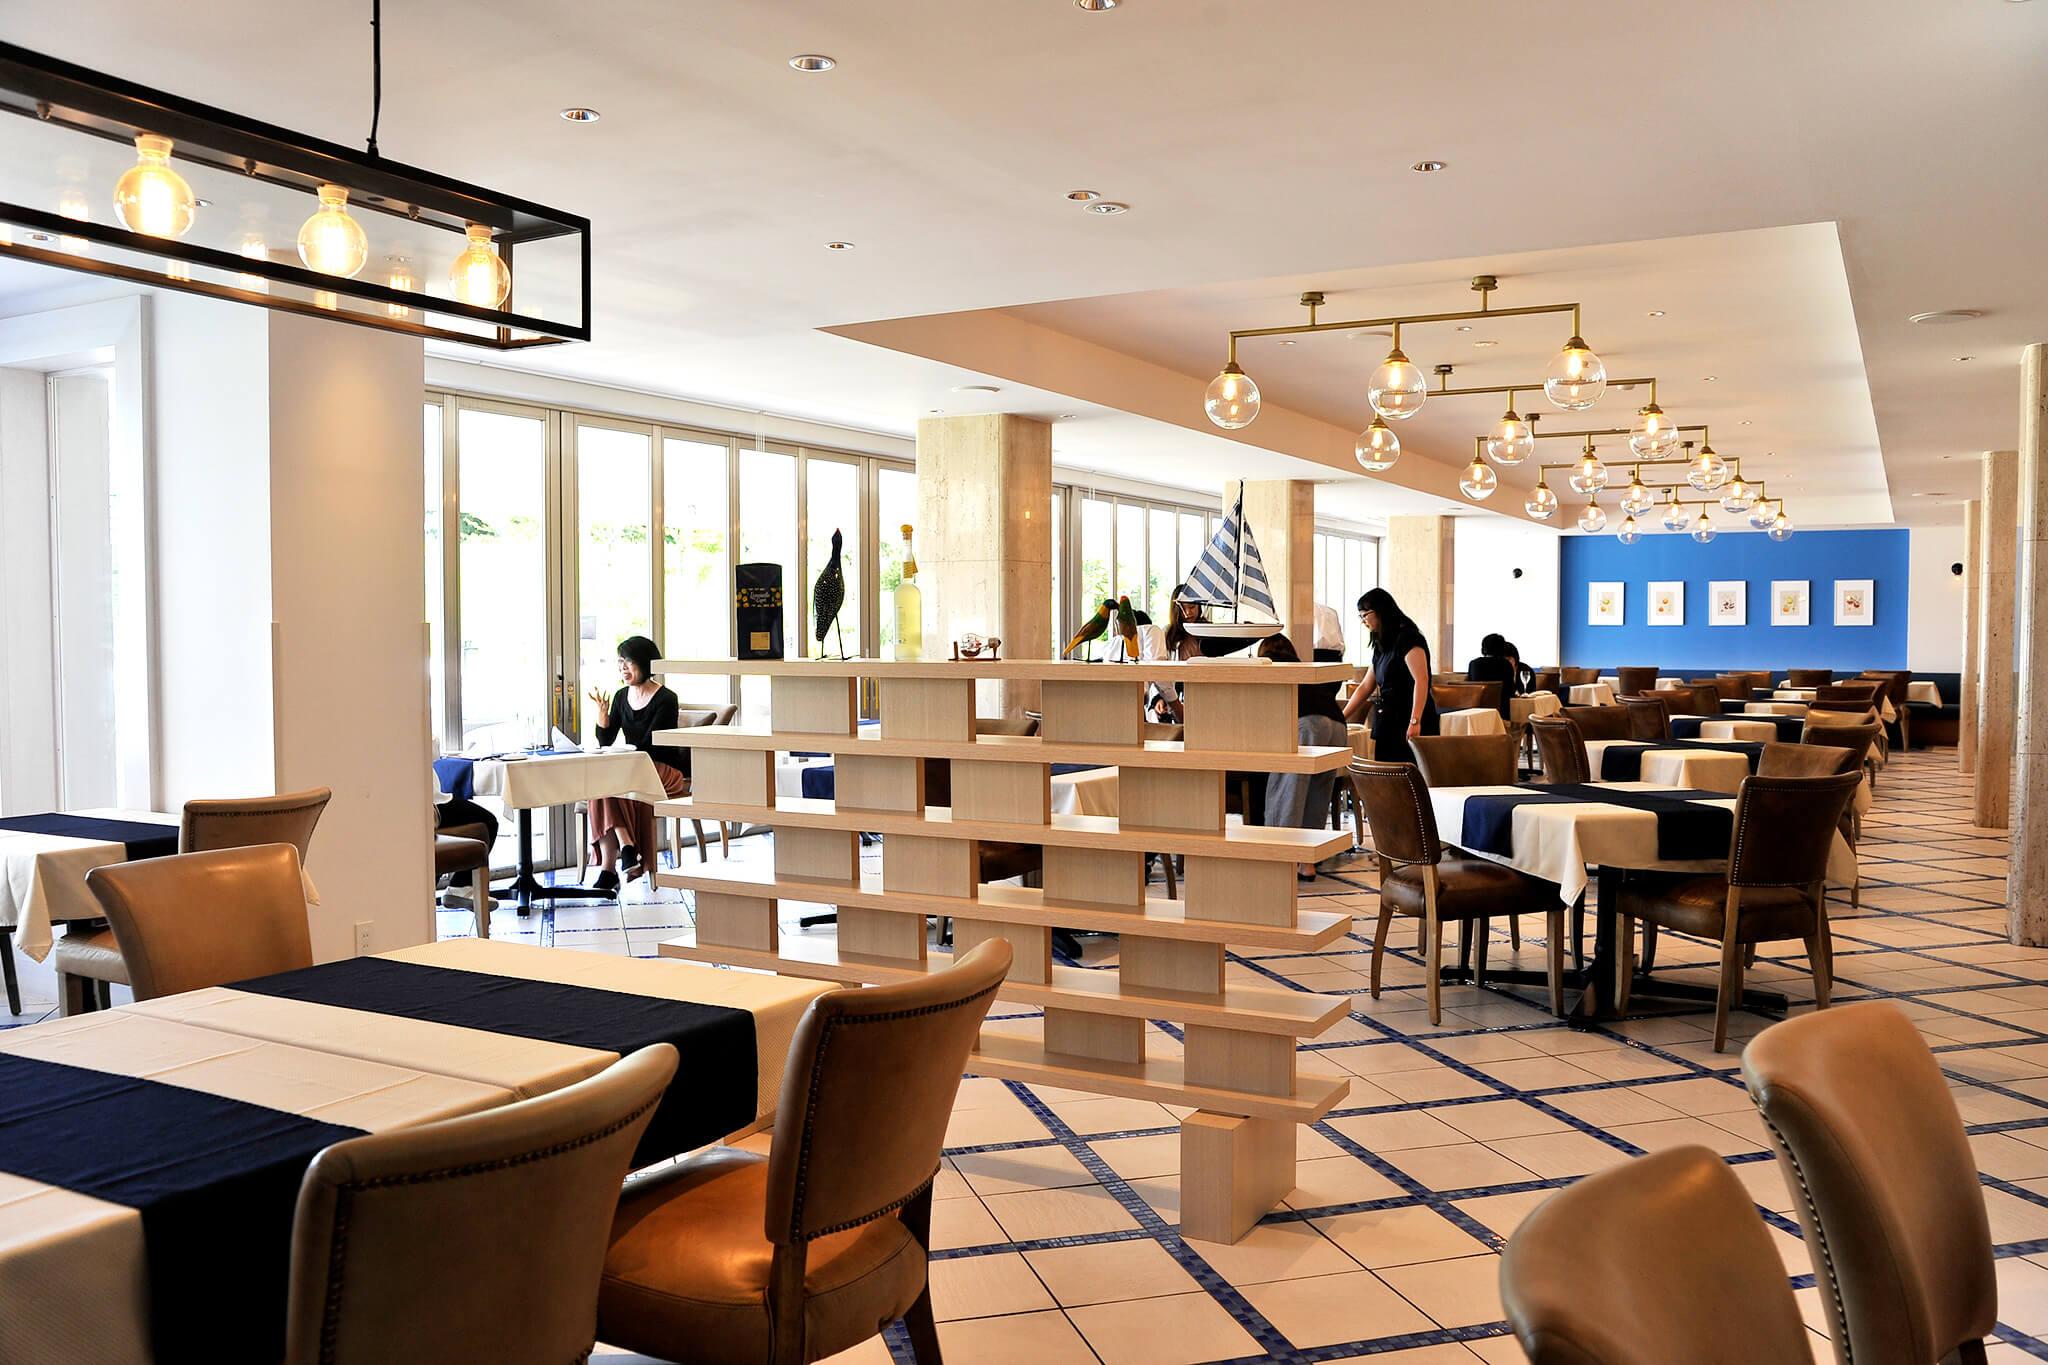 インフィニート  ホテル&スパ南紀白浜  ガーデンレストラン  ジョヴァンニ